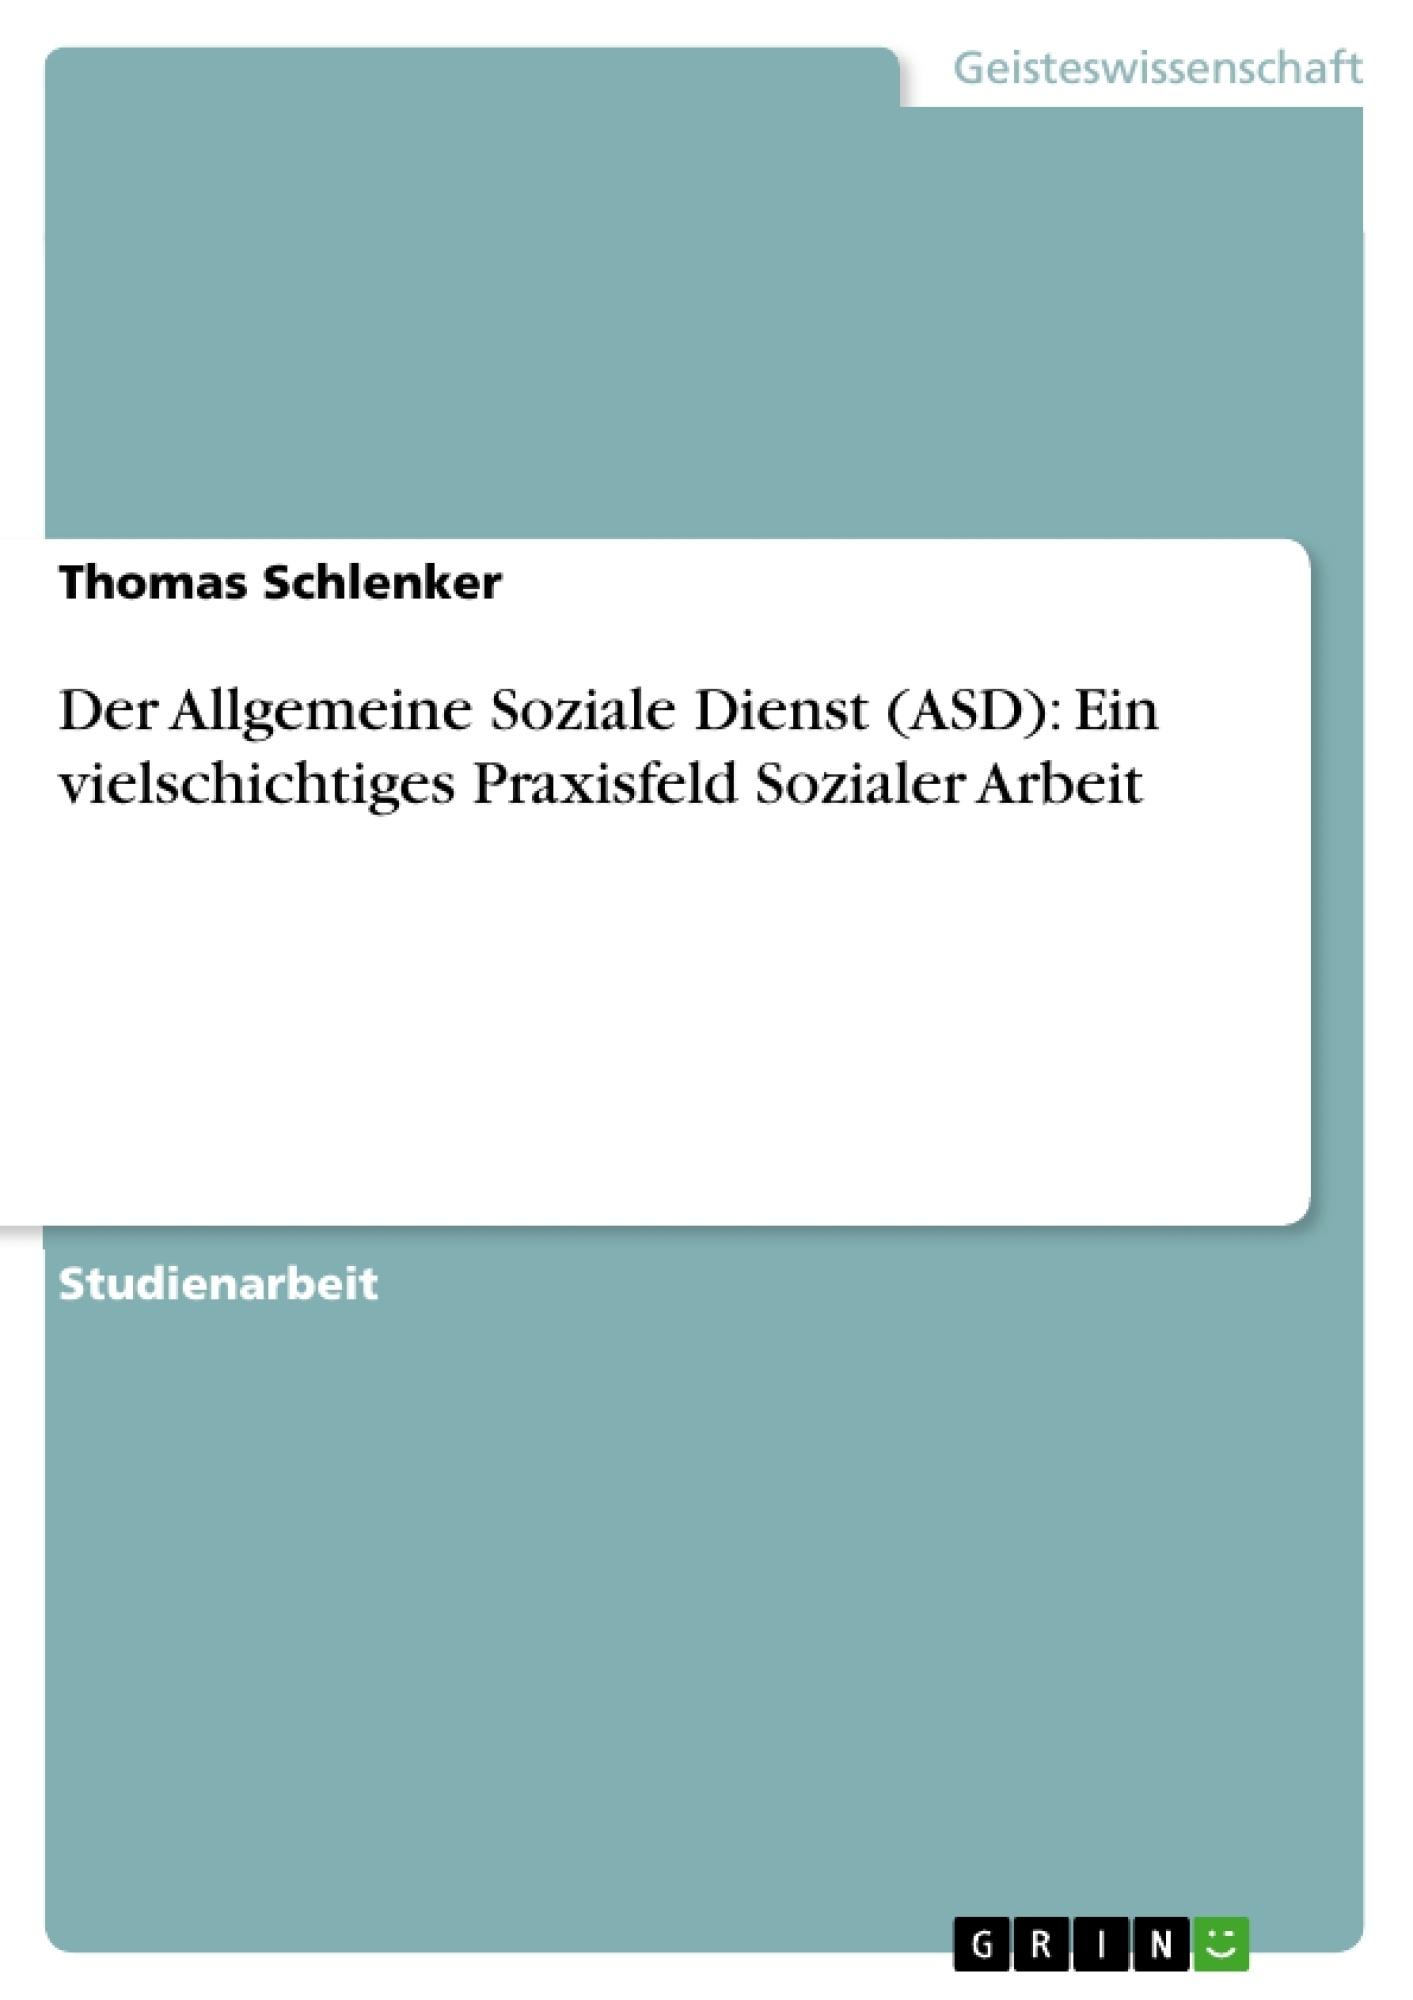 Titel: Der Allgemeine Soziale Dienst (ASD): Ein vielschichtiges Praxisfeld Sozialer Arbeit